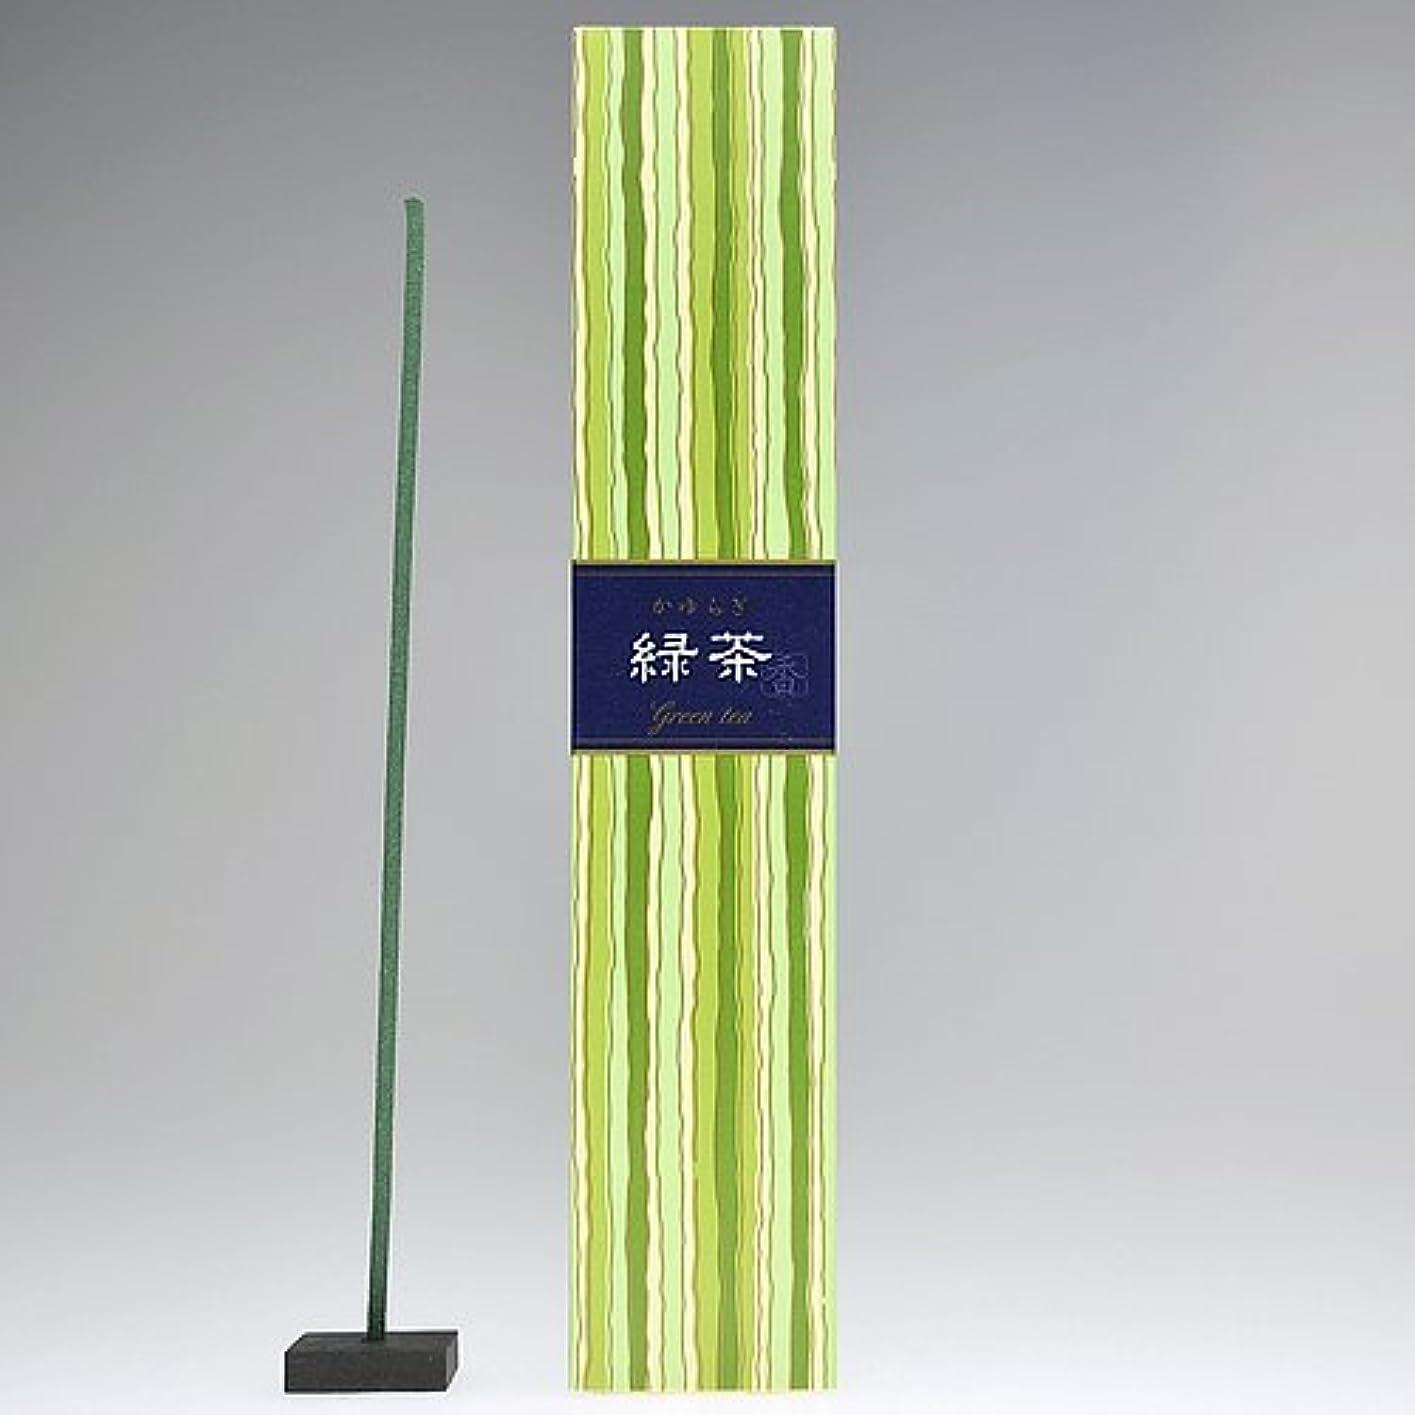 サロン汚れるドナウ川日本香堂  かゆらぎ 緑茶スティック40本入 香立付